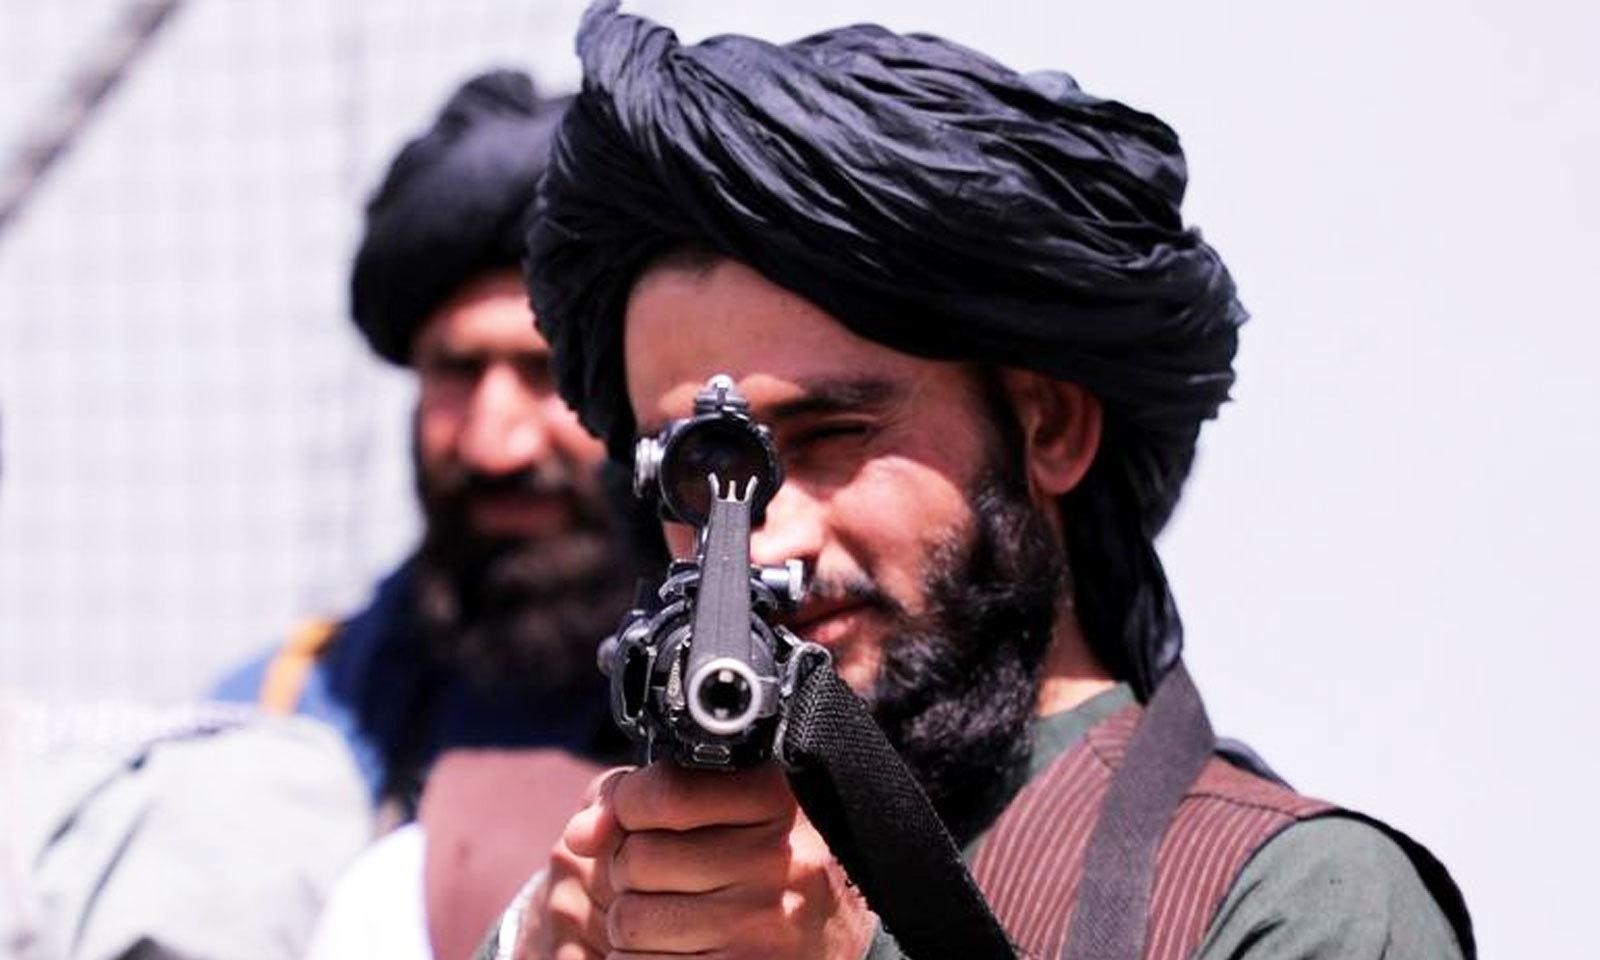 افغان فورس کے ارکان نے کابل ایئرپورٹ کی سیکیورٹی کے انتظامات بھی سنبھال لیے—فوٹو: رائٹرز